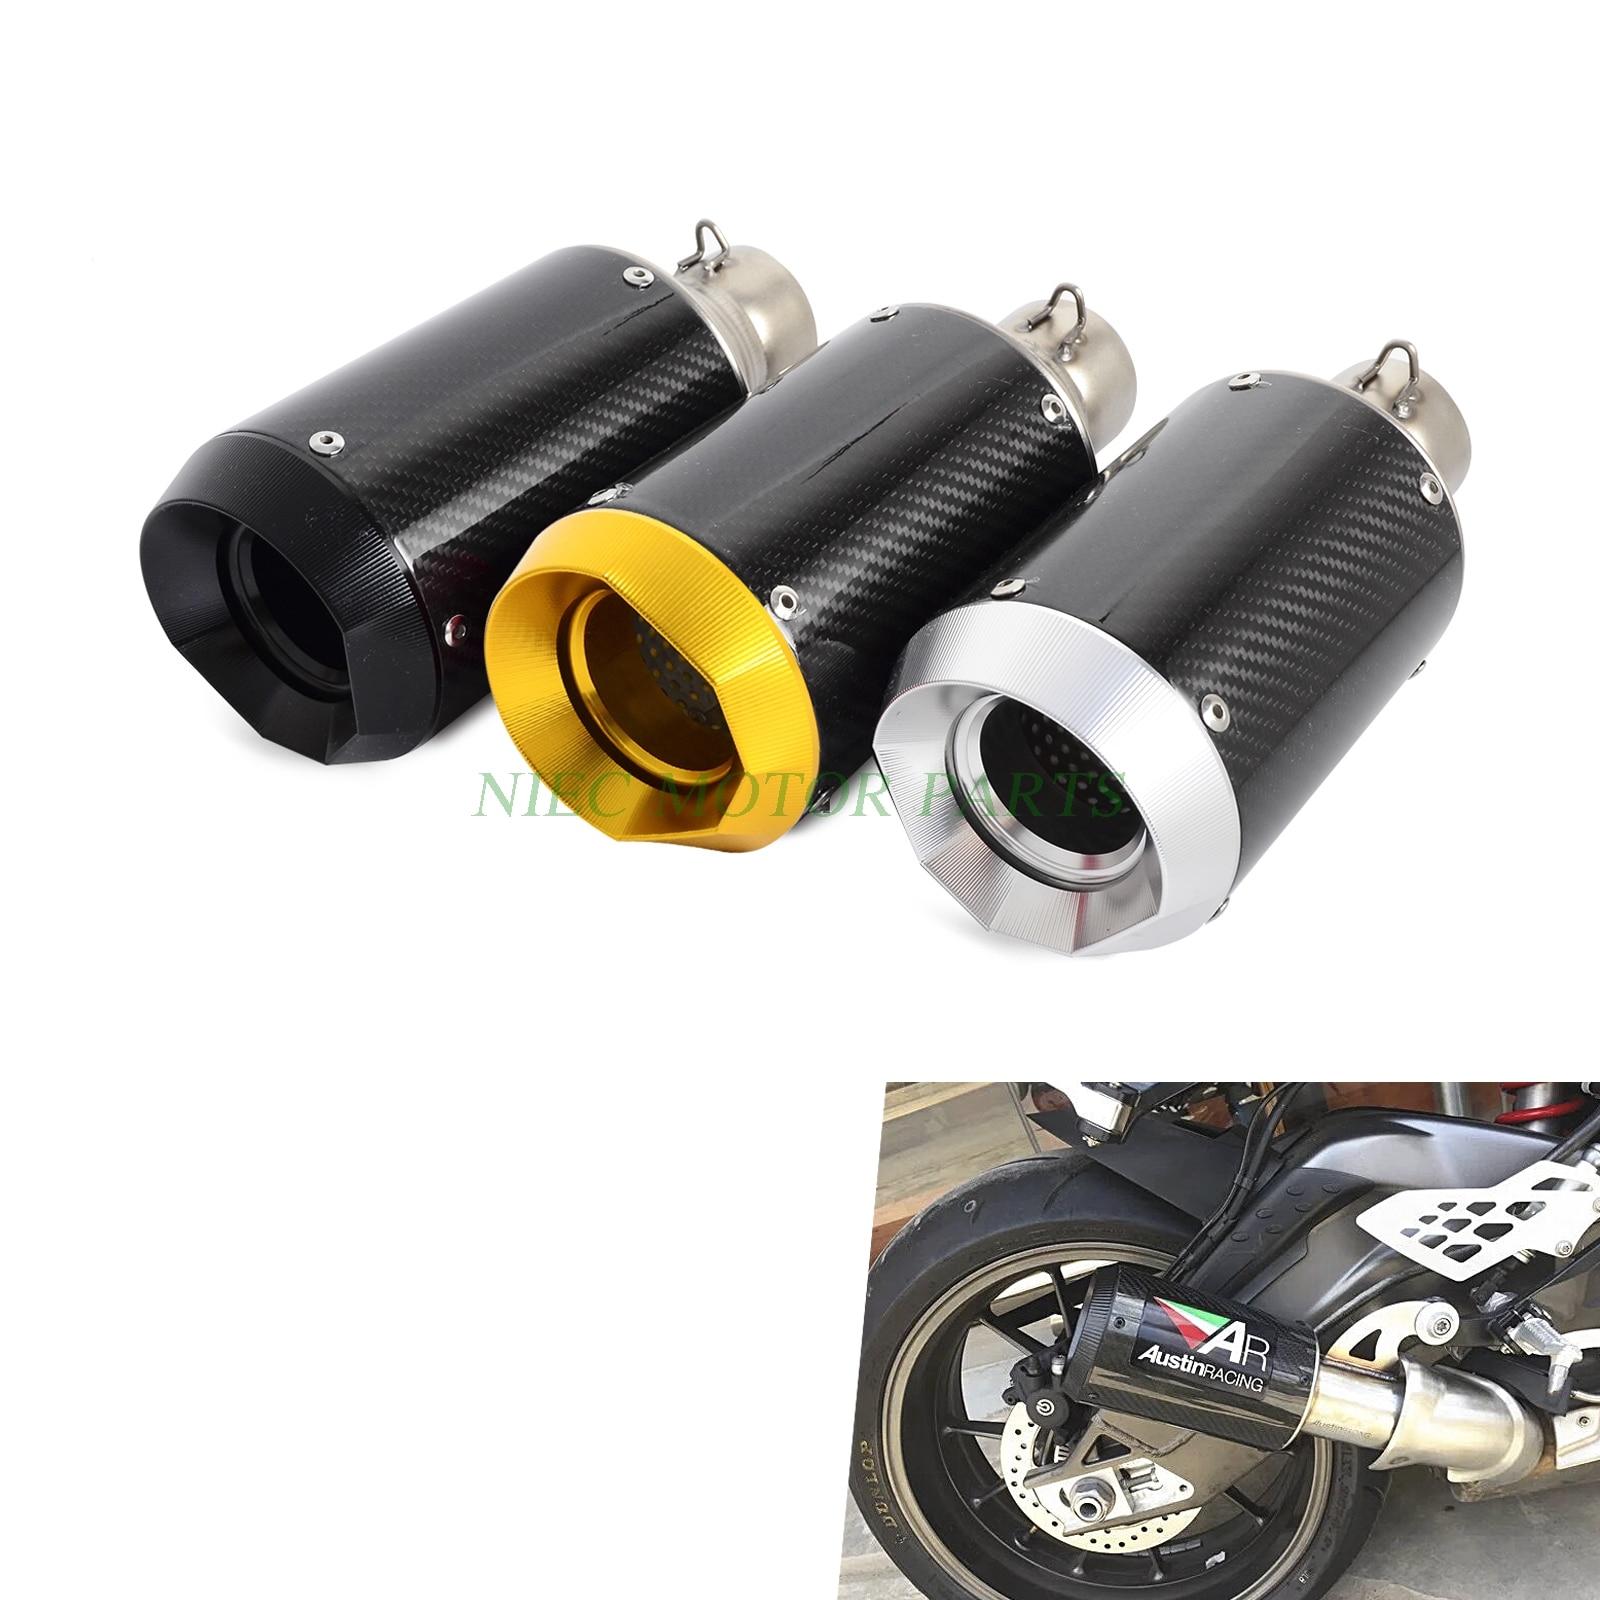 Moto ad alte prestazioni in fibra di carbonio slip-on tubo di scarico Per Moto Motorino ATV Dirt Bike QuadMoto ad alte prestazioni in fibra di carbonio slip-on tubo di scarico Per Moto Motorino ATV Dirt Bike Quad